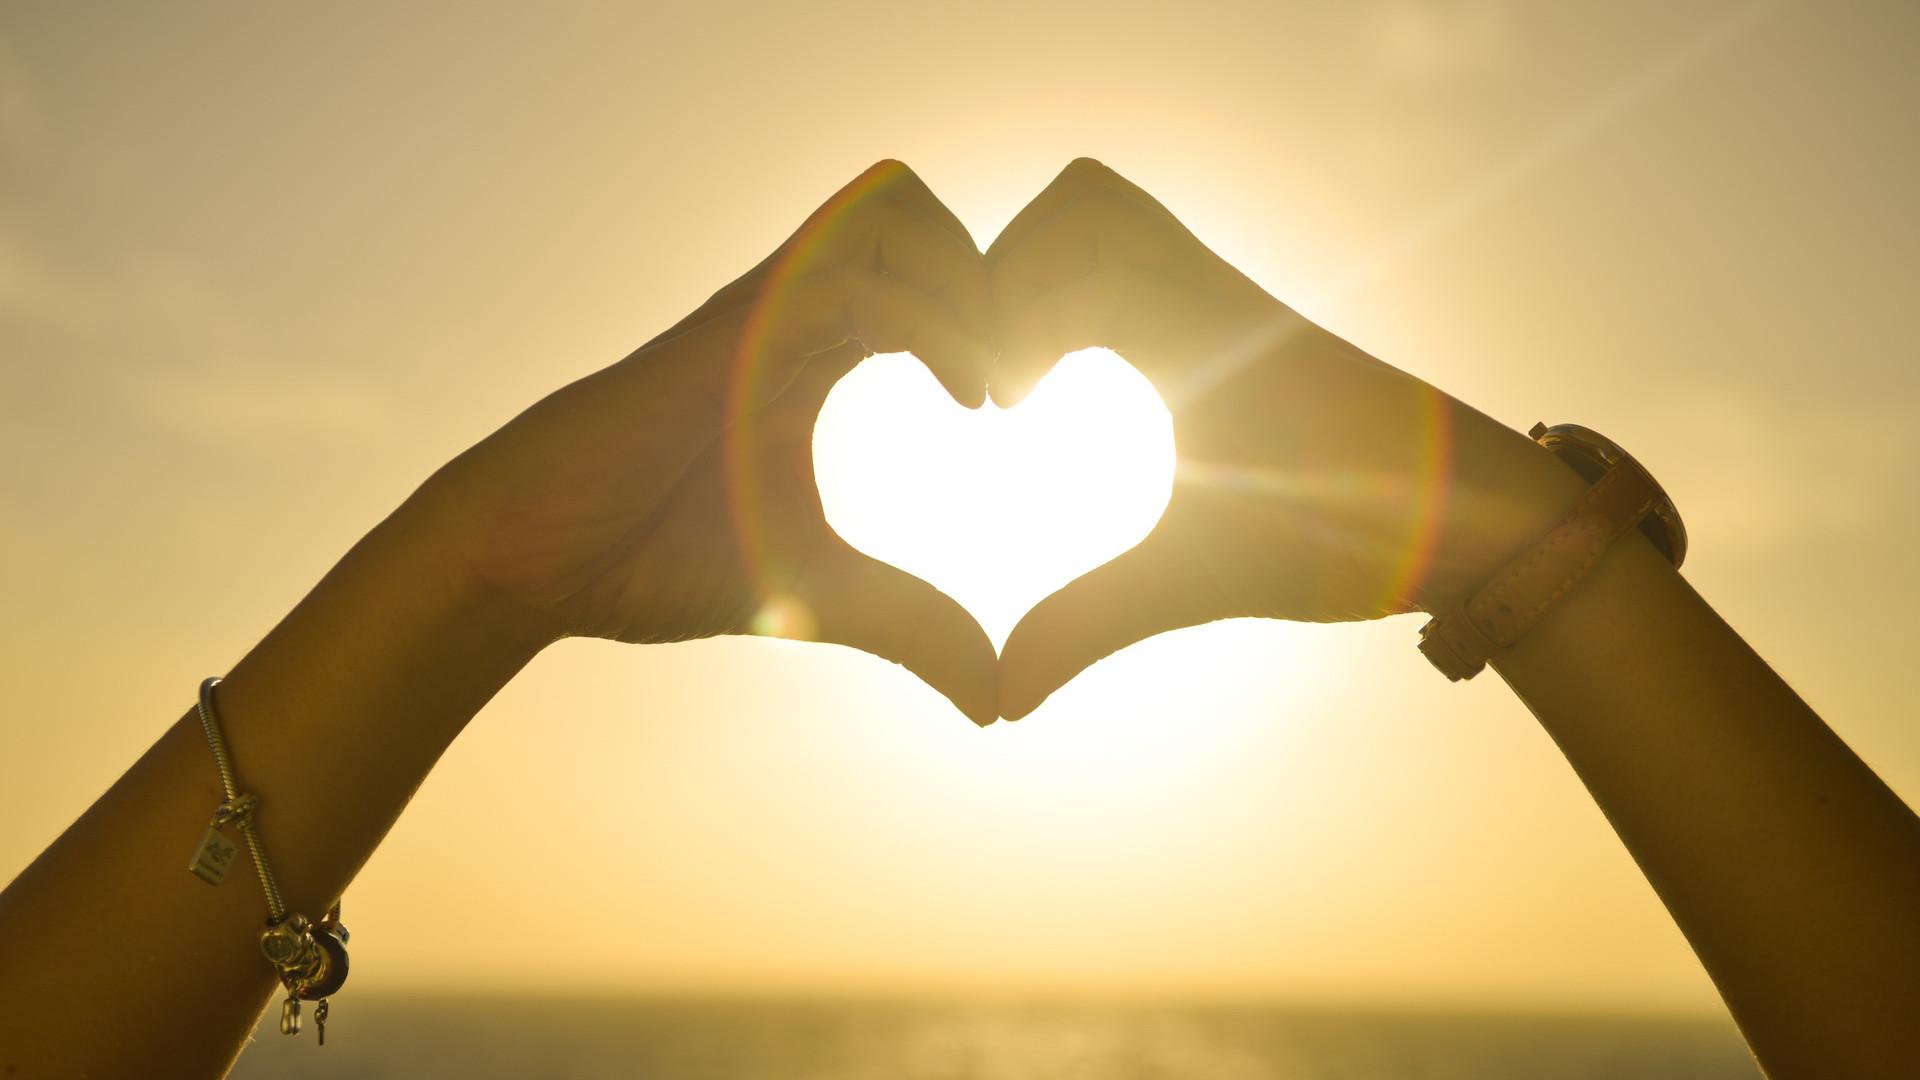 comment-personnaliser-un-bijou-amour.png